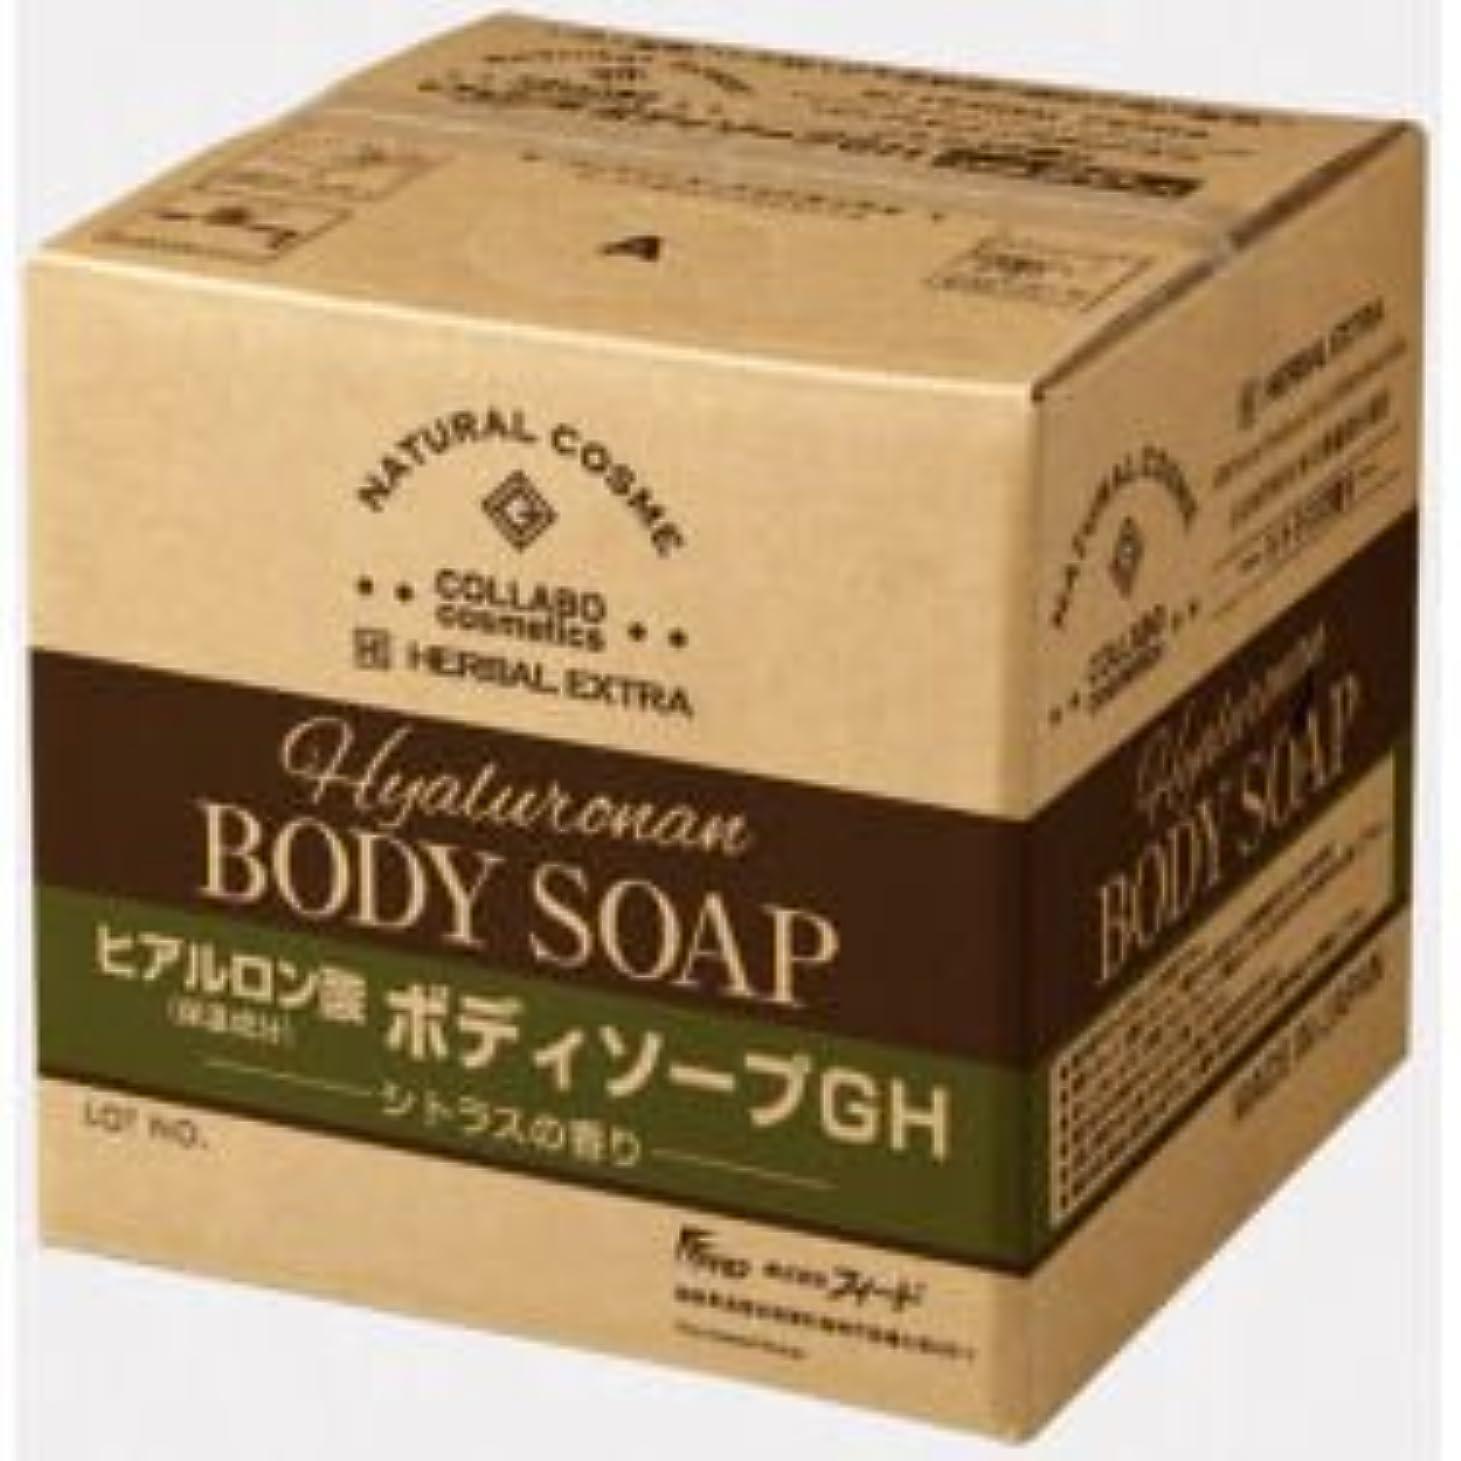 最もシプリー邪悪なゼミド×ハーバルエクストラ ヒアルロン酸ボディソープGH シトラスの香り 20kg